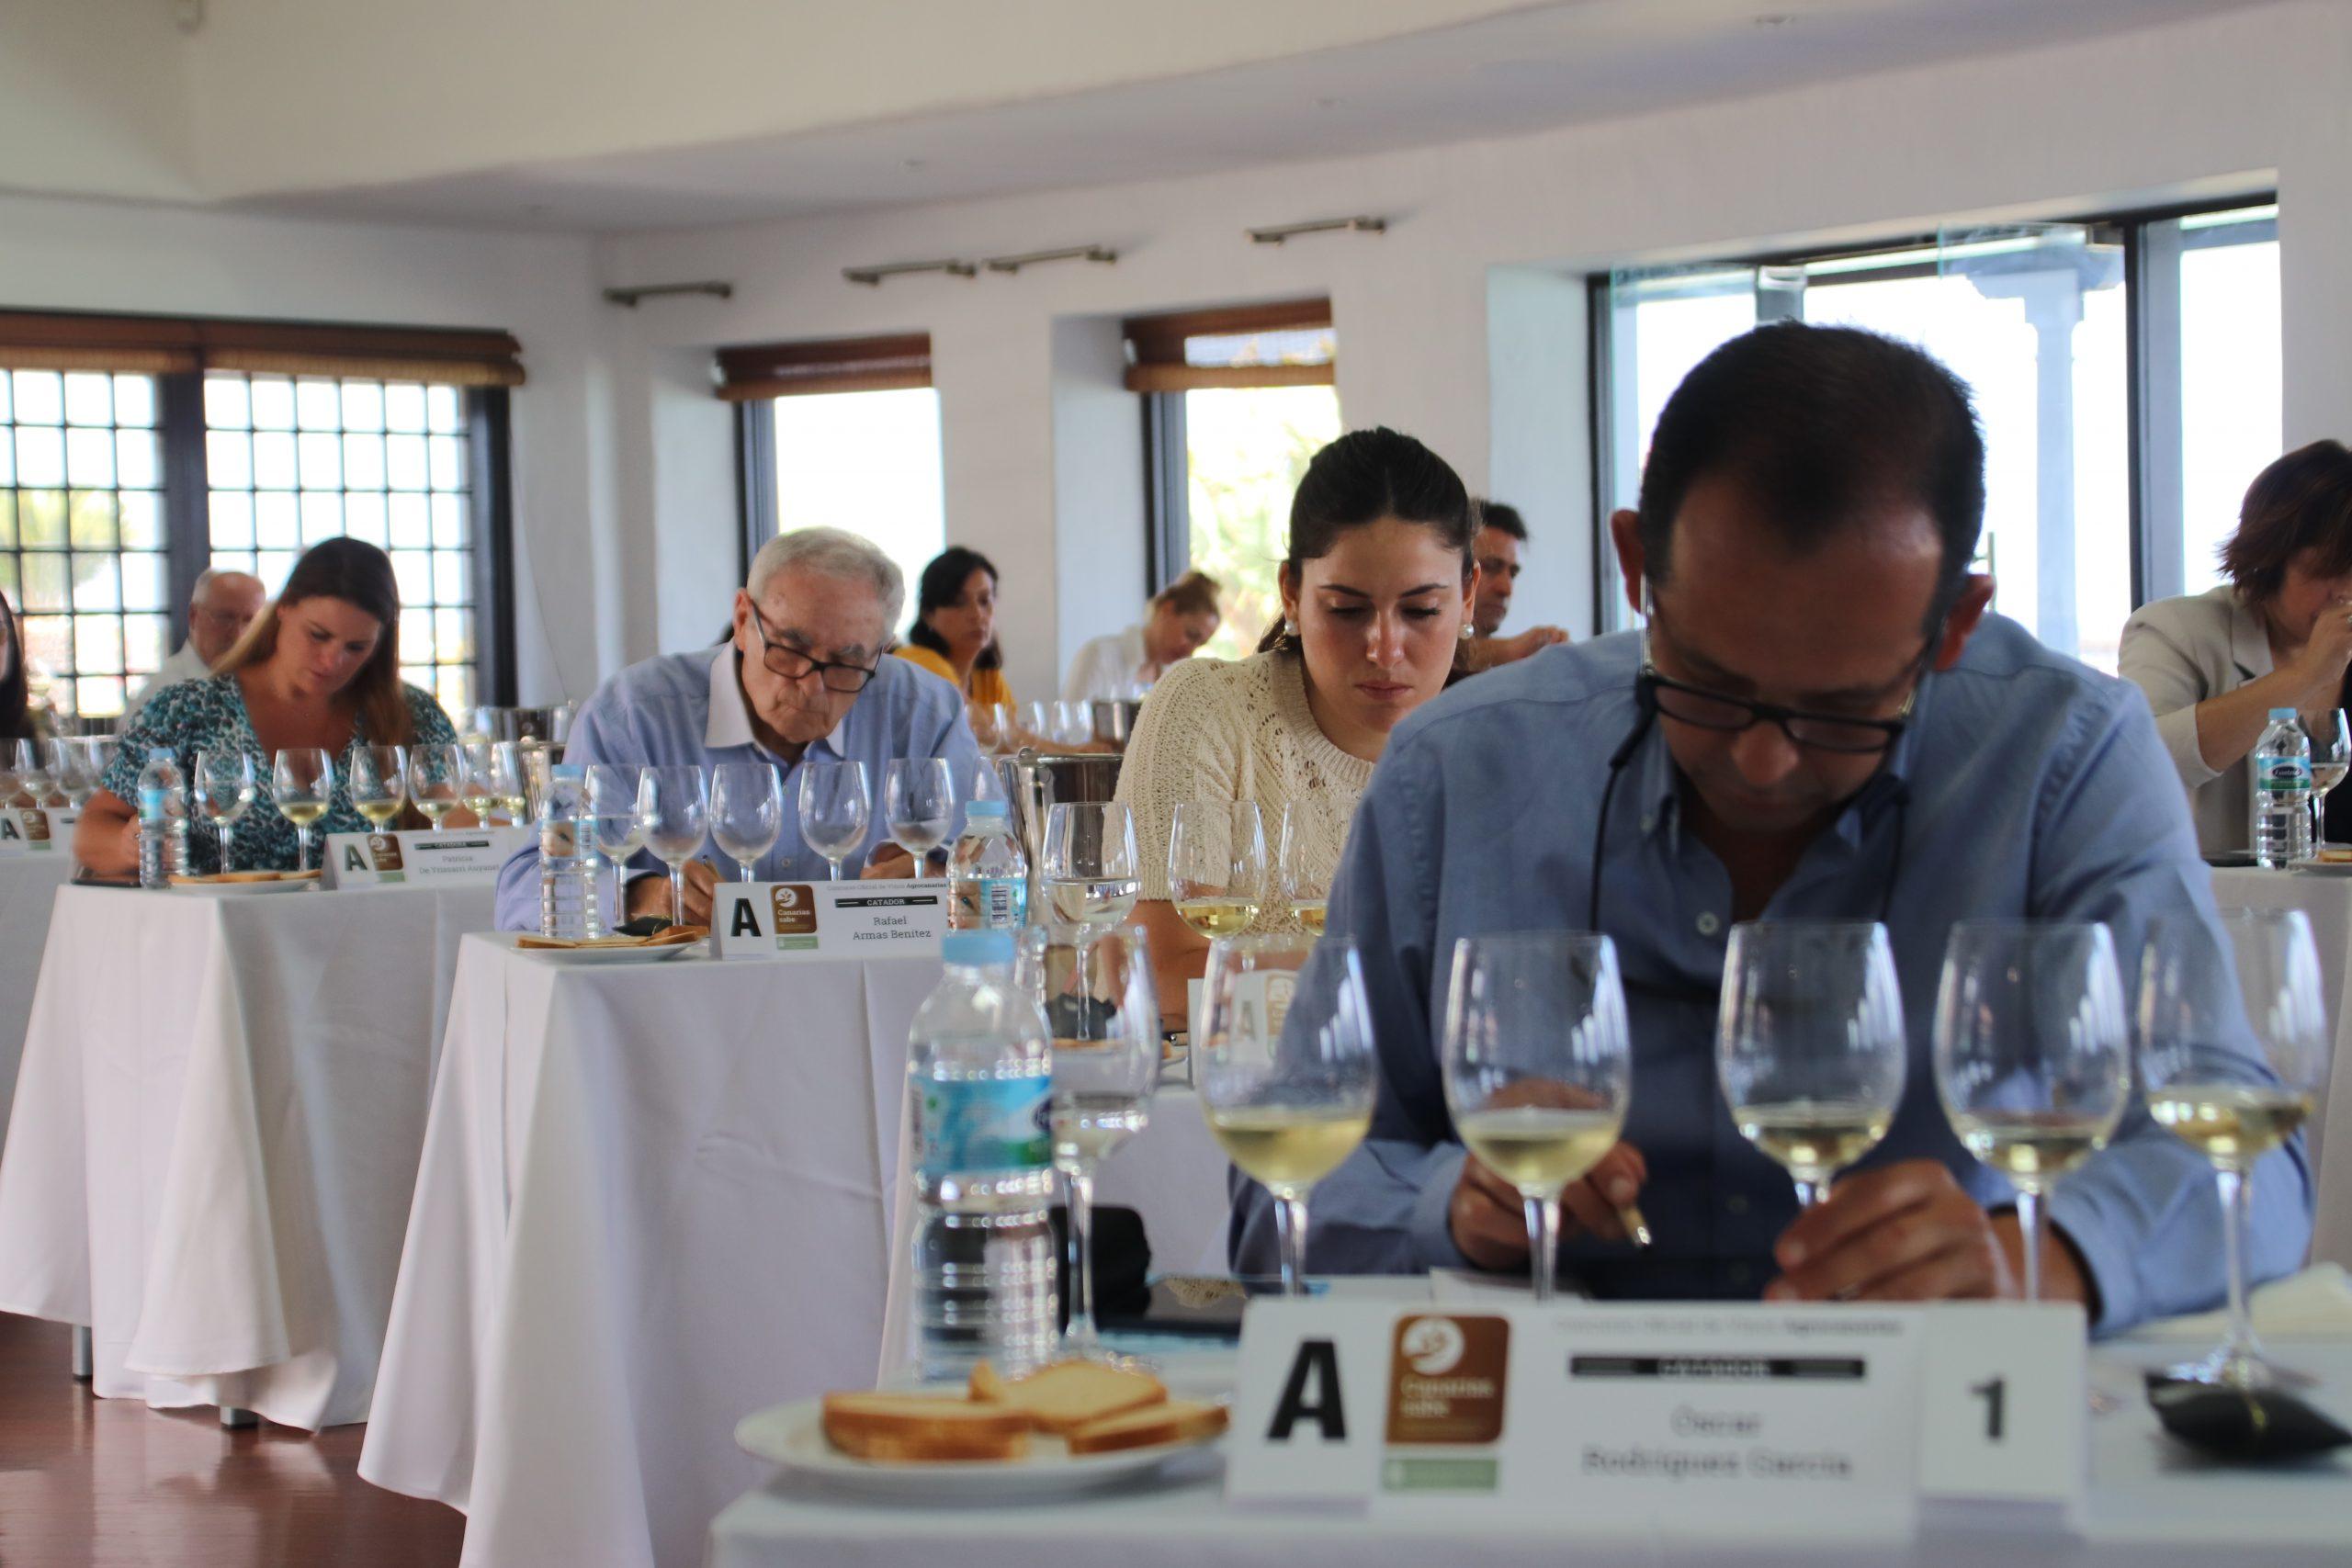 Consejería de Agricultura, Ganadería y Pesca La Gomera acoge en abril el Concurso Oficial de Vinos Agrocanarias 2021